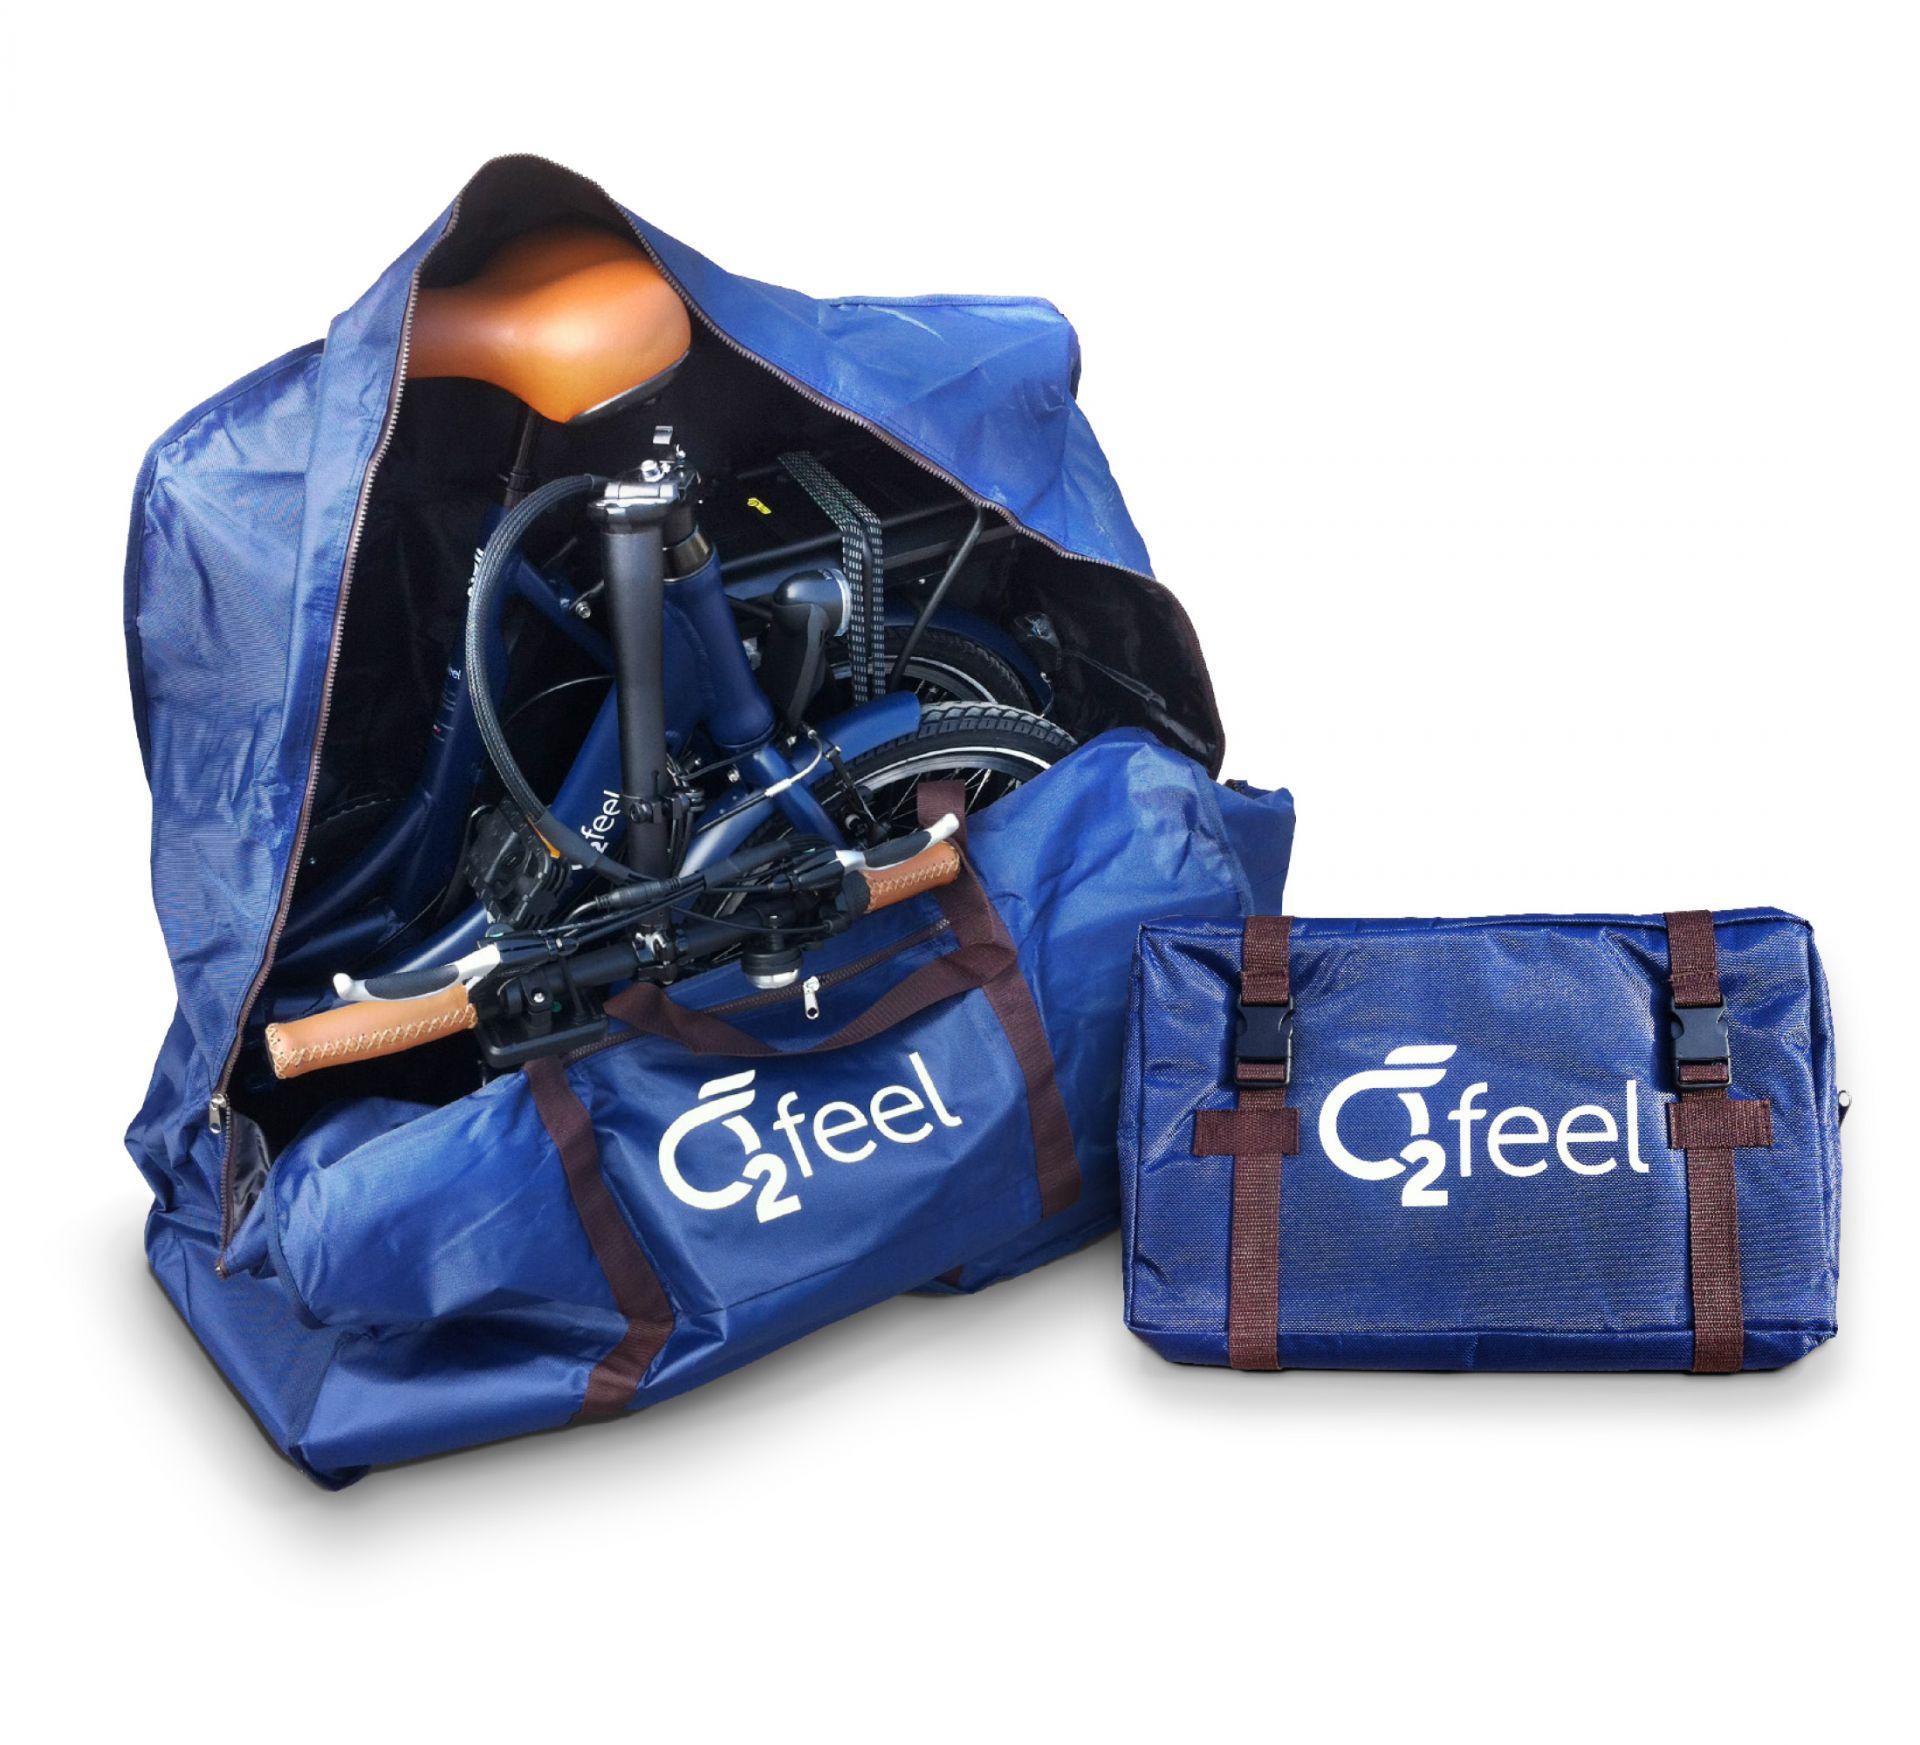 Sac de transport à roulettes O2Feel pour vélo pliant